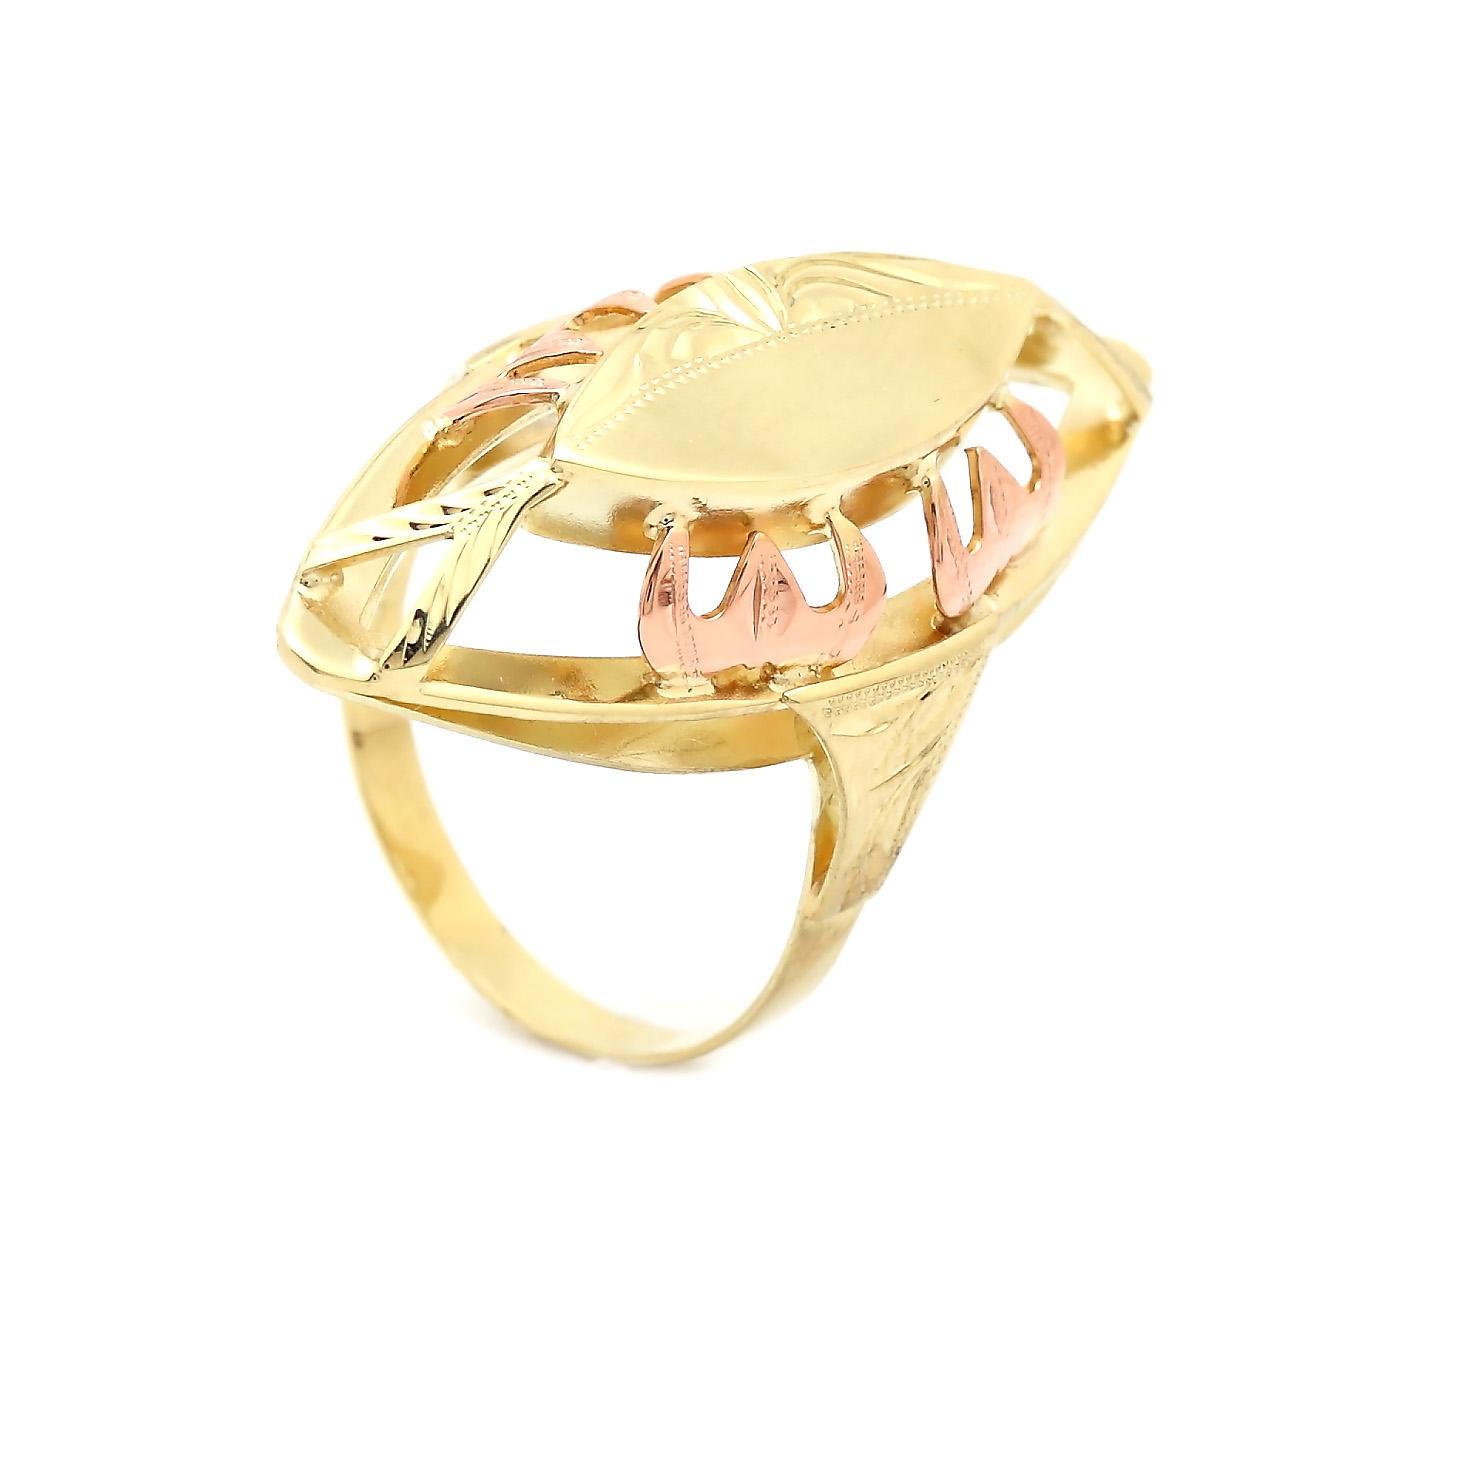 Zlatý dámsky prsteň AASE